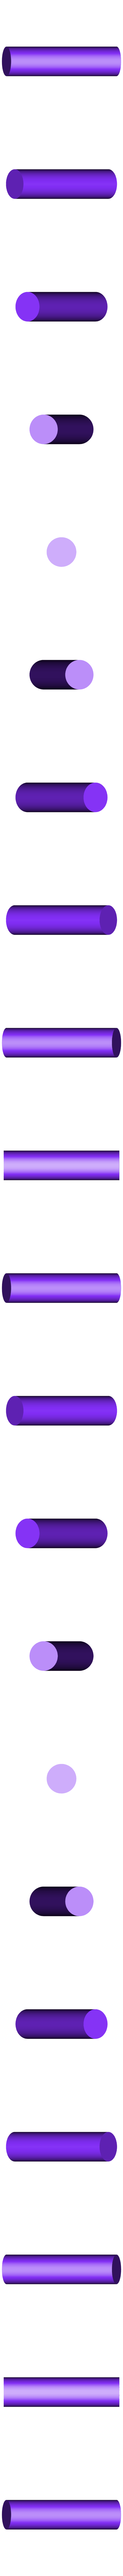 Arm-Left-Pin.stl Télécharger fichier STL gratuit Big Optimus Prime! - Modèle multi-matériaux • Plan pour imprimante 3D, ChaosCoreTech